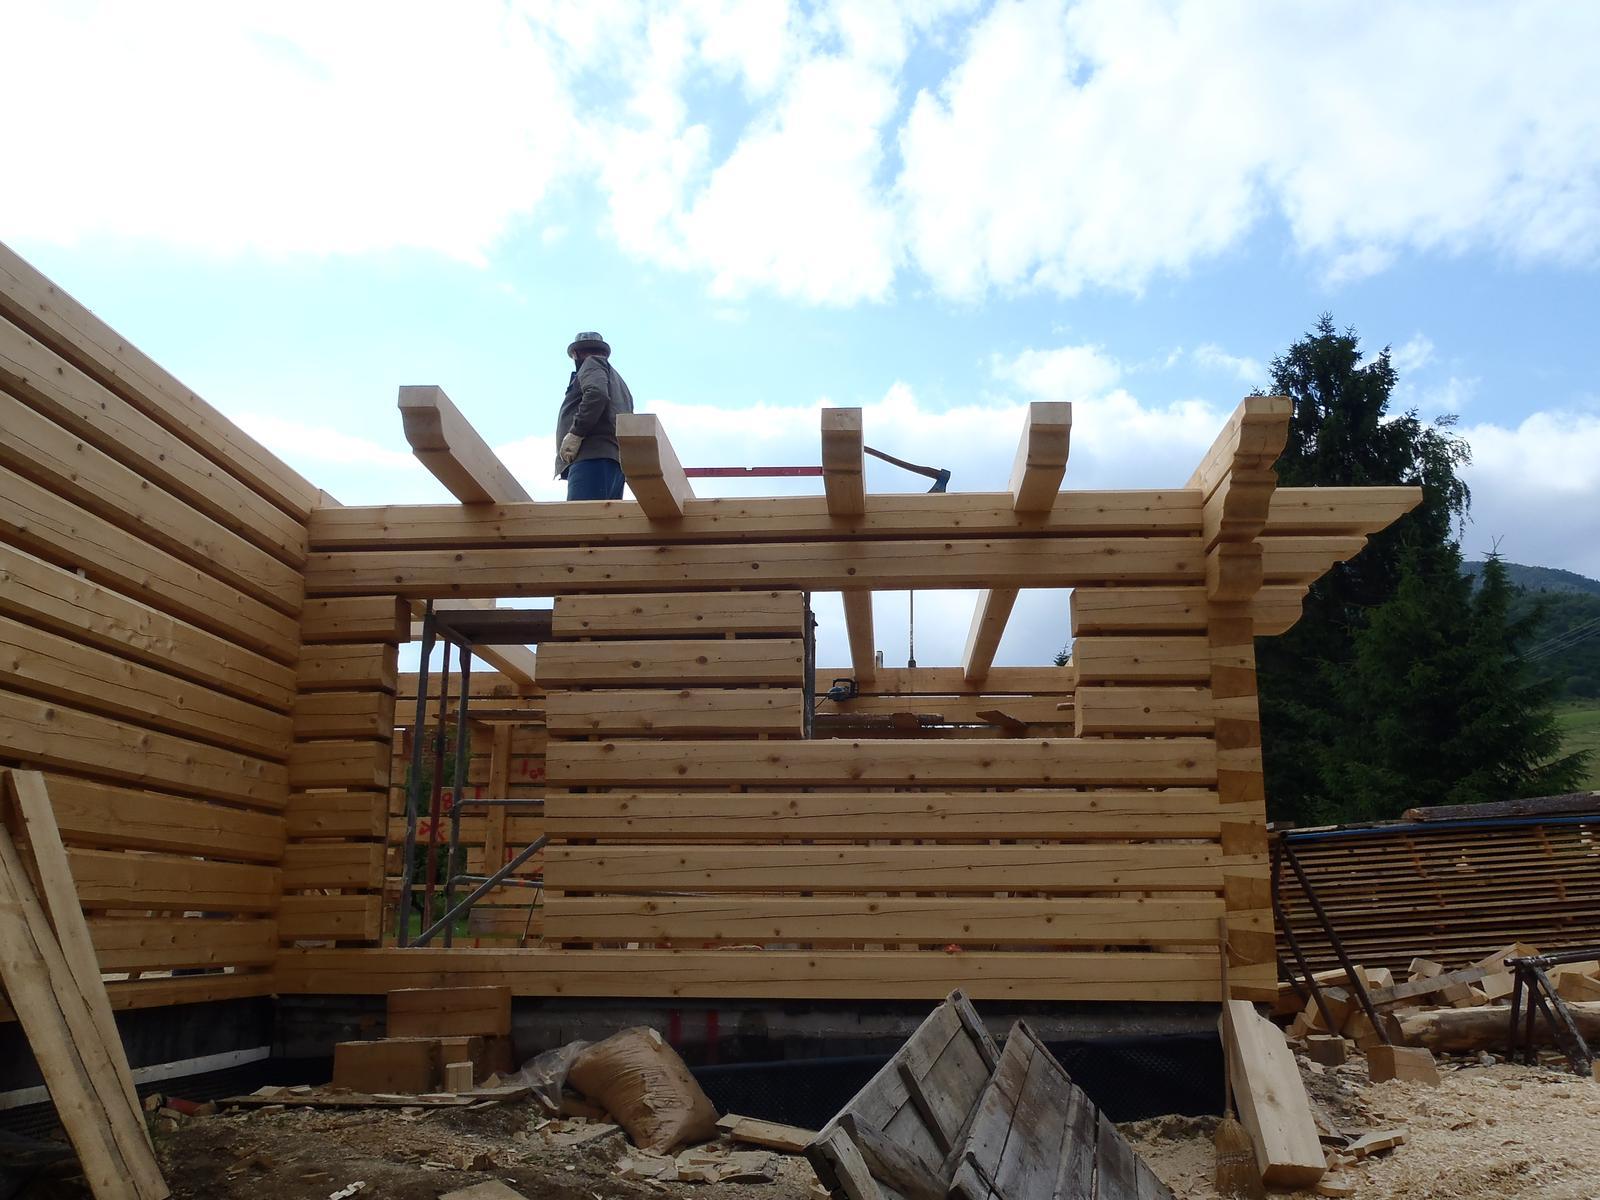 Náš veľký sen o drevenom domčeku! - Obrázok č. 92